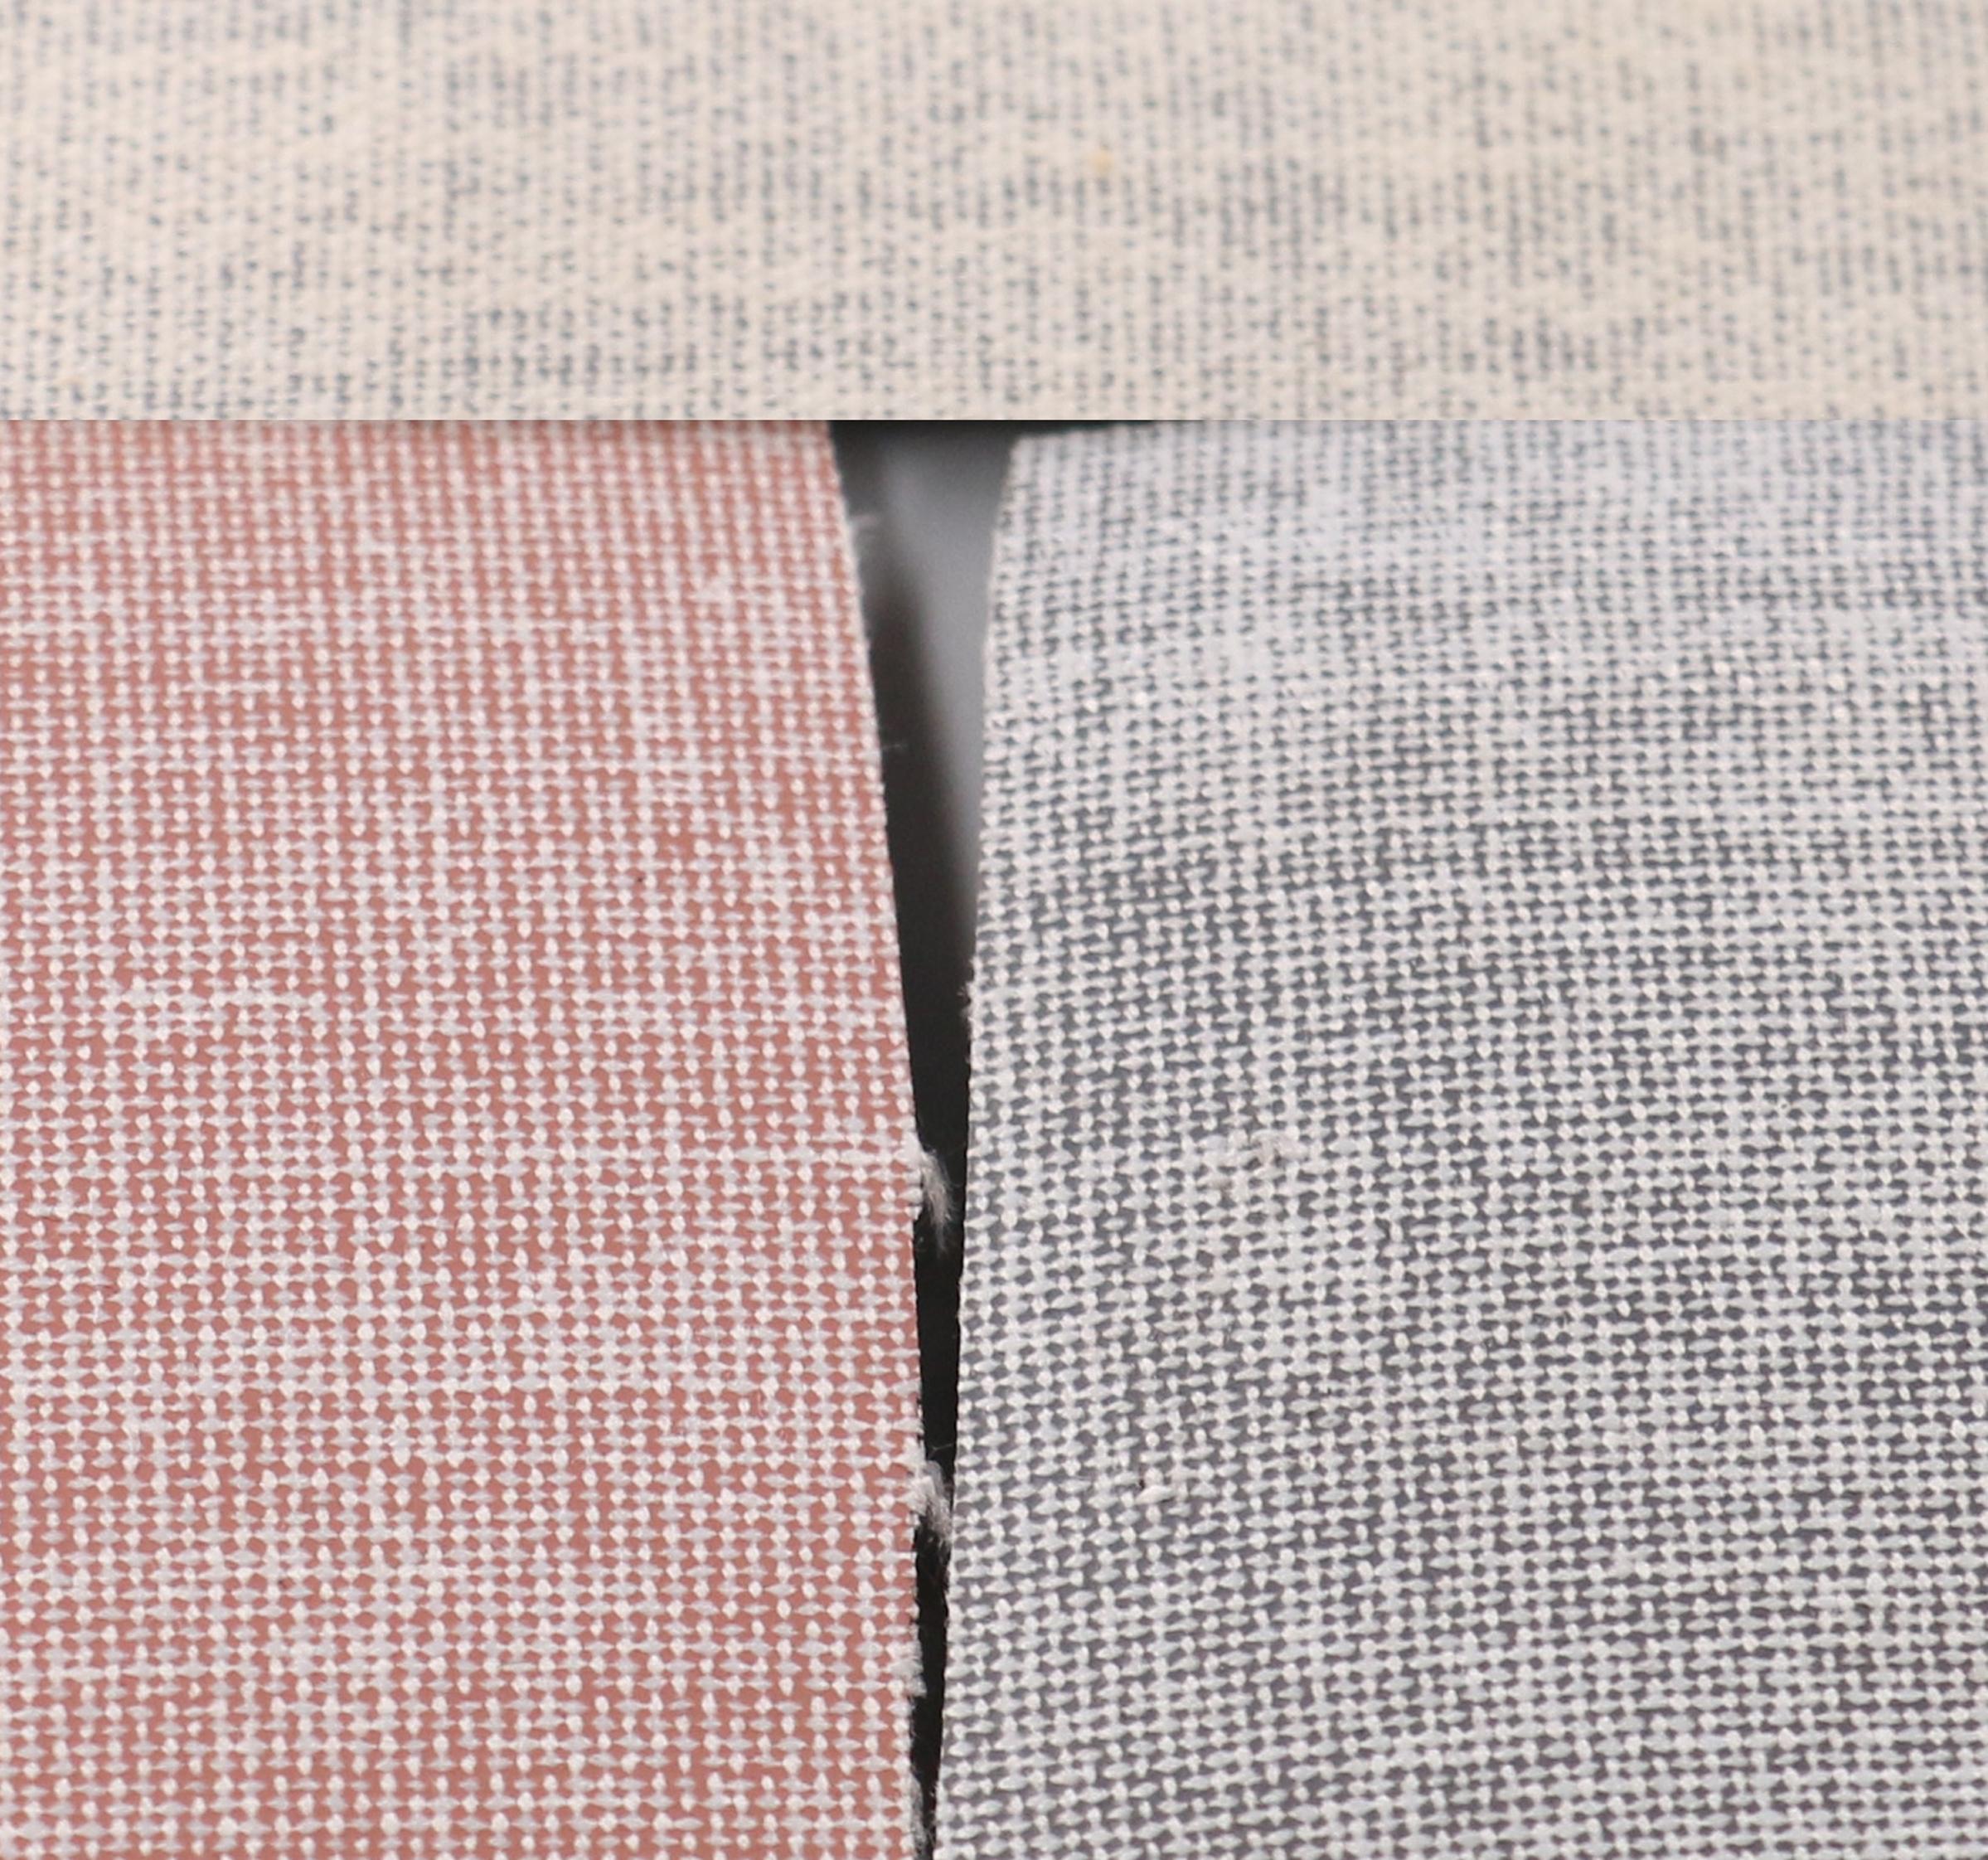 Виниловый материал для промышленного использования, серый хлопчатобумажный композит для багажа или сумки